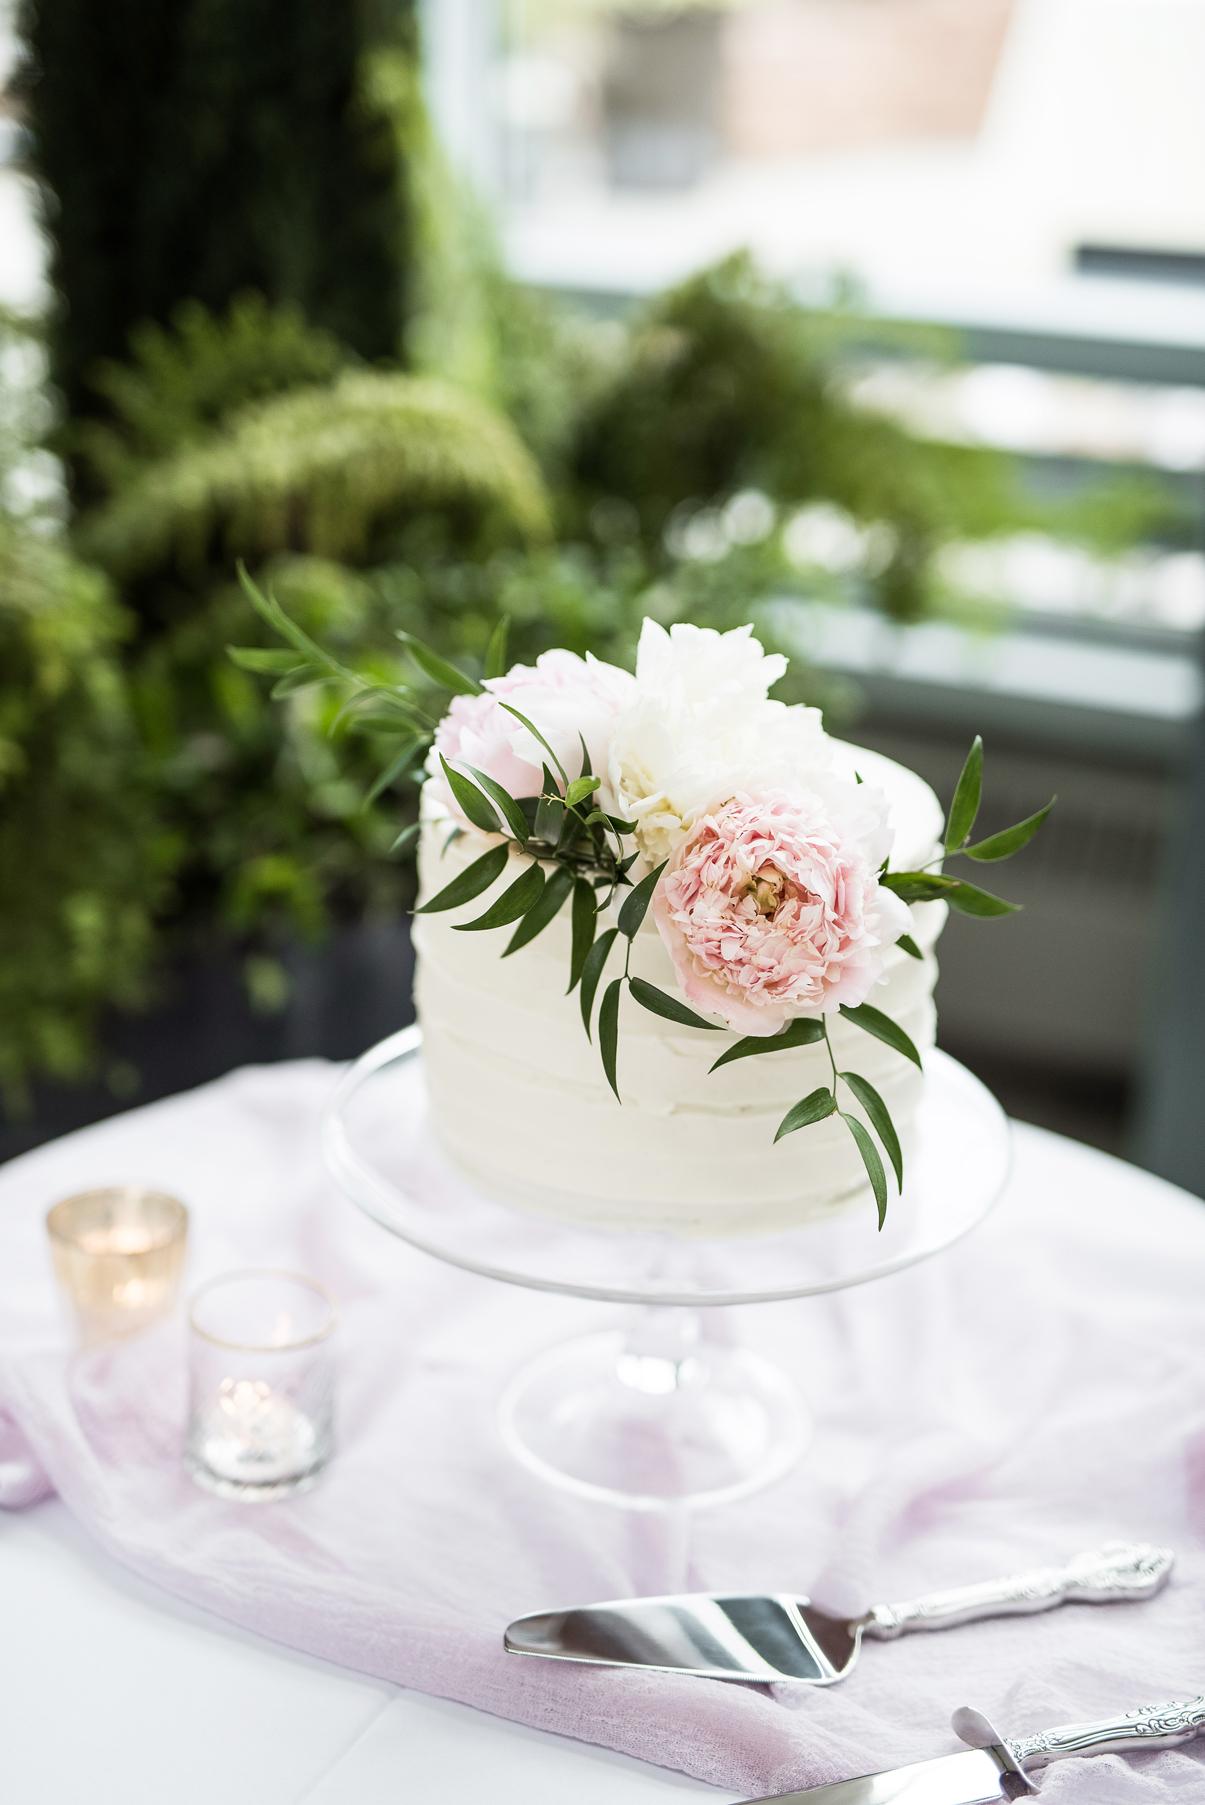 siple white wedding cake | elisha braithwaite photography